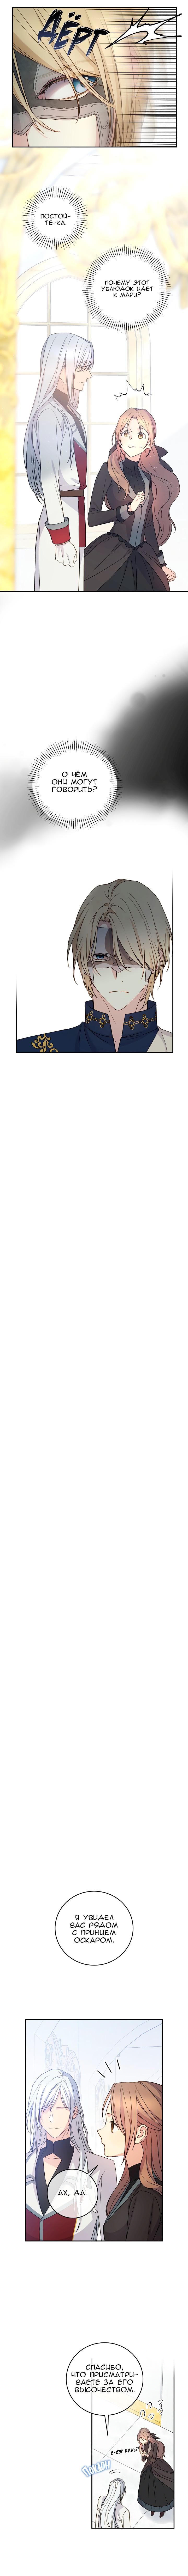 Манга Способная горничная / Capable maid  - Том 1 Глава 21 Страница 2